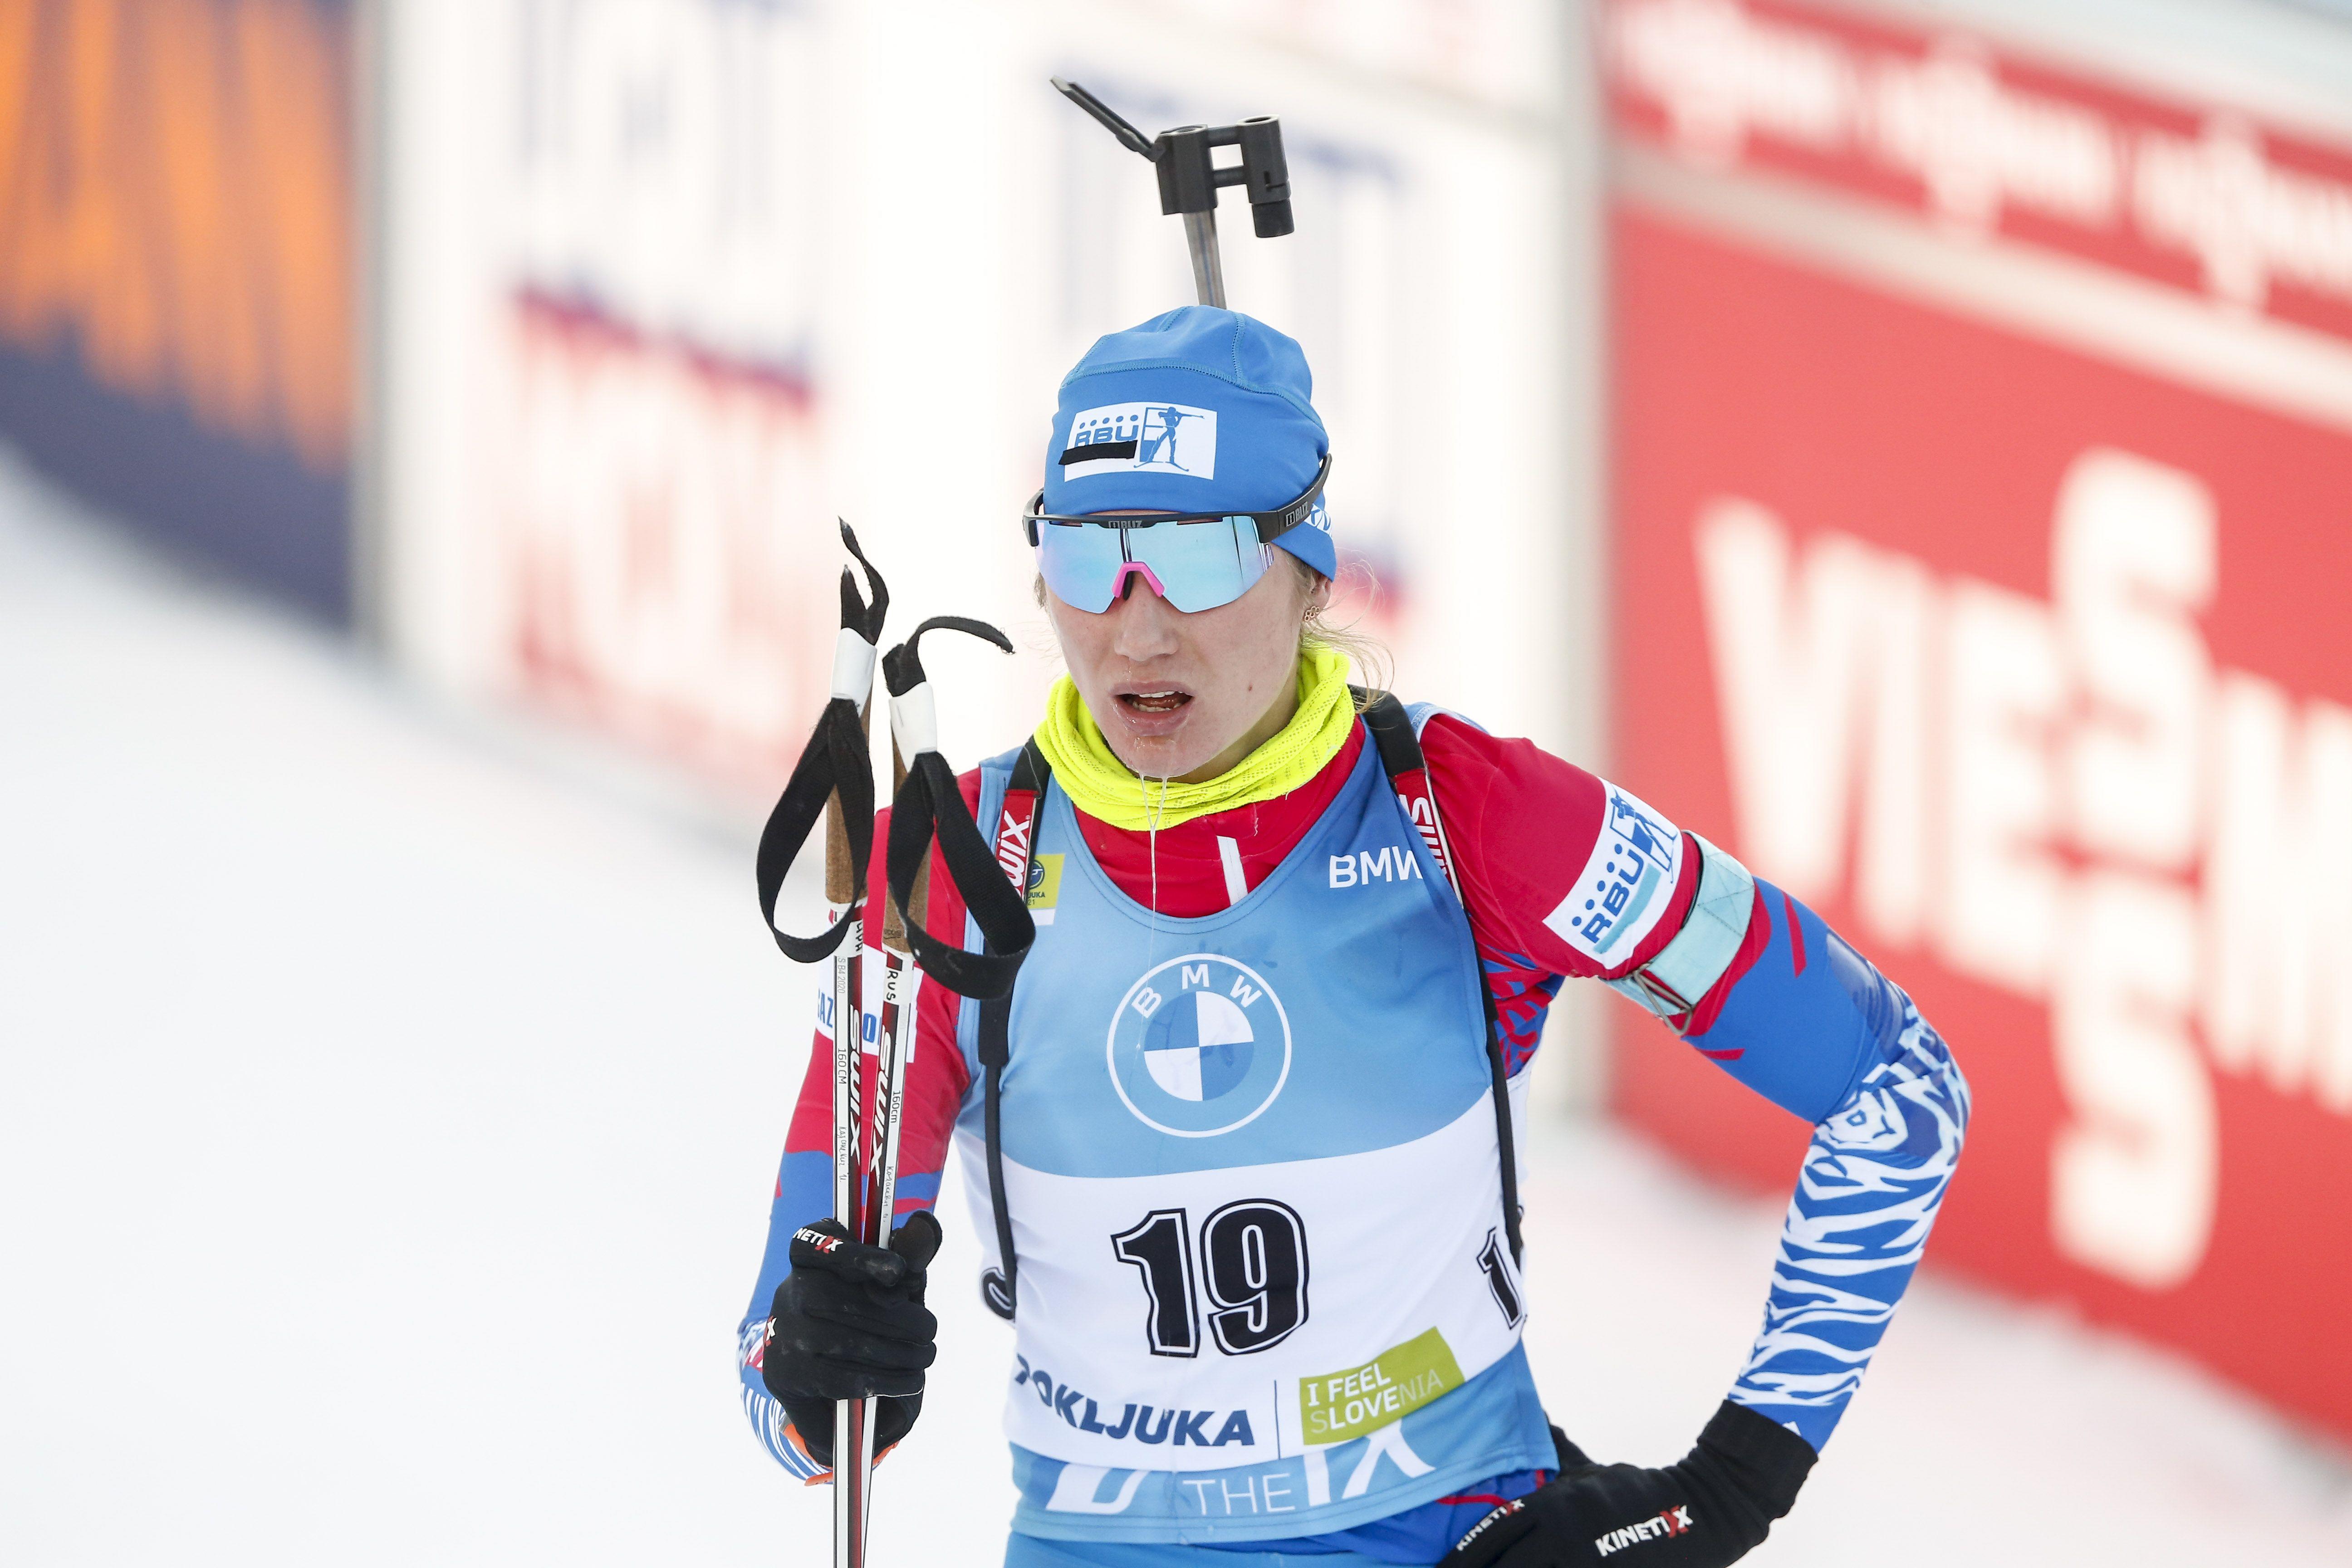 Драчёв прокомментировал состав женской сборной России на индивидуальную гонку и эстафету на ЧМ